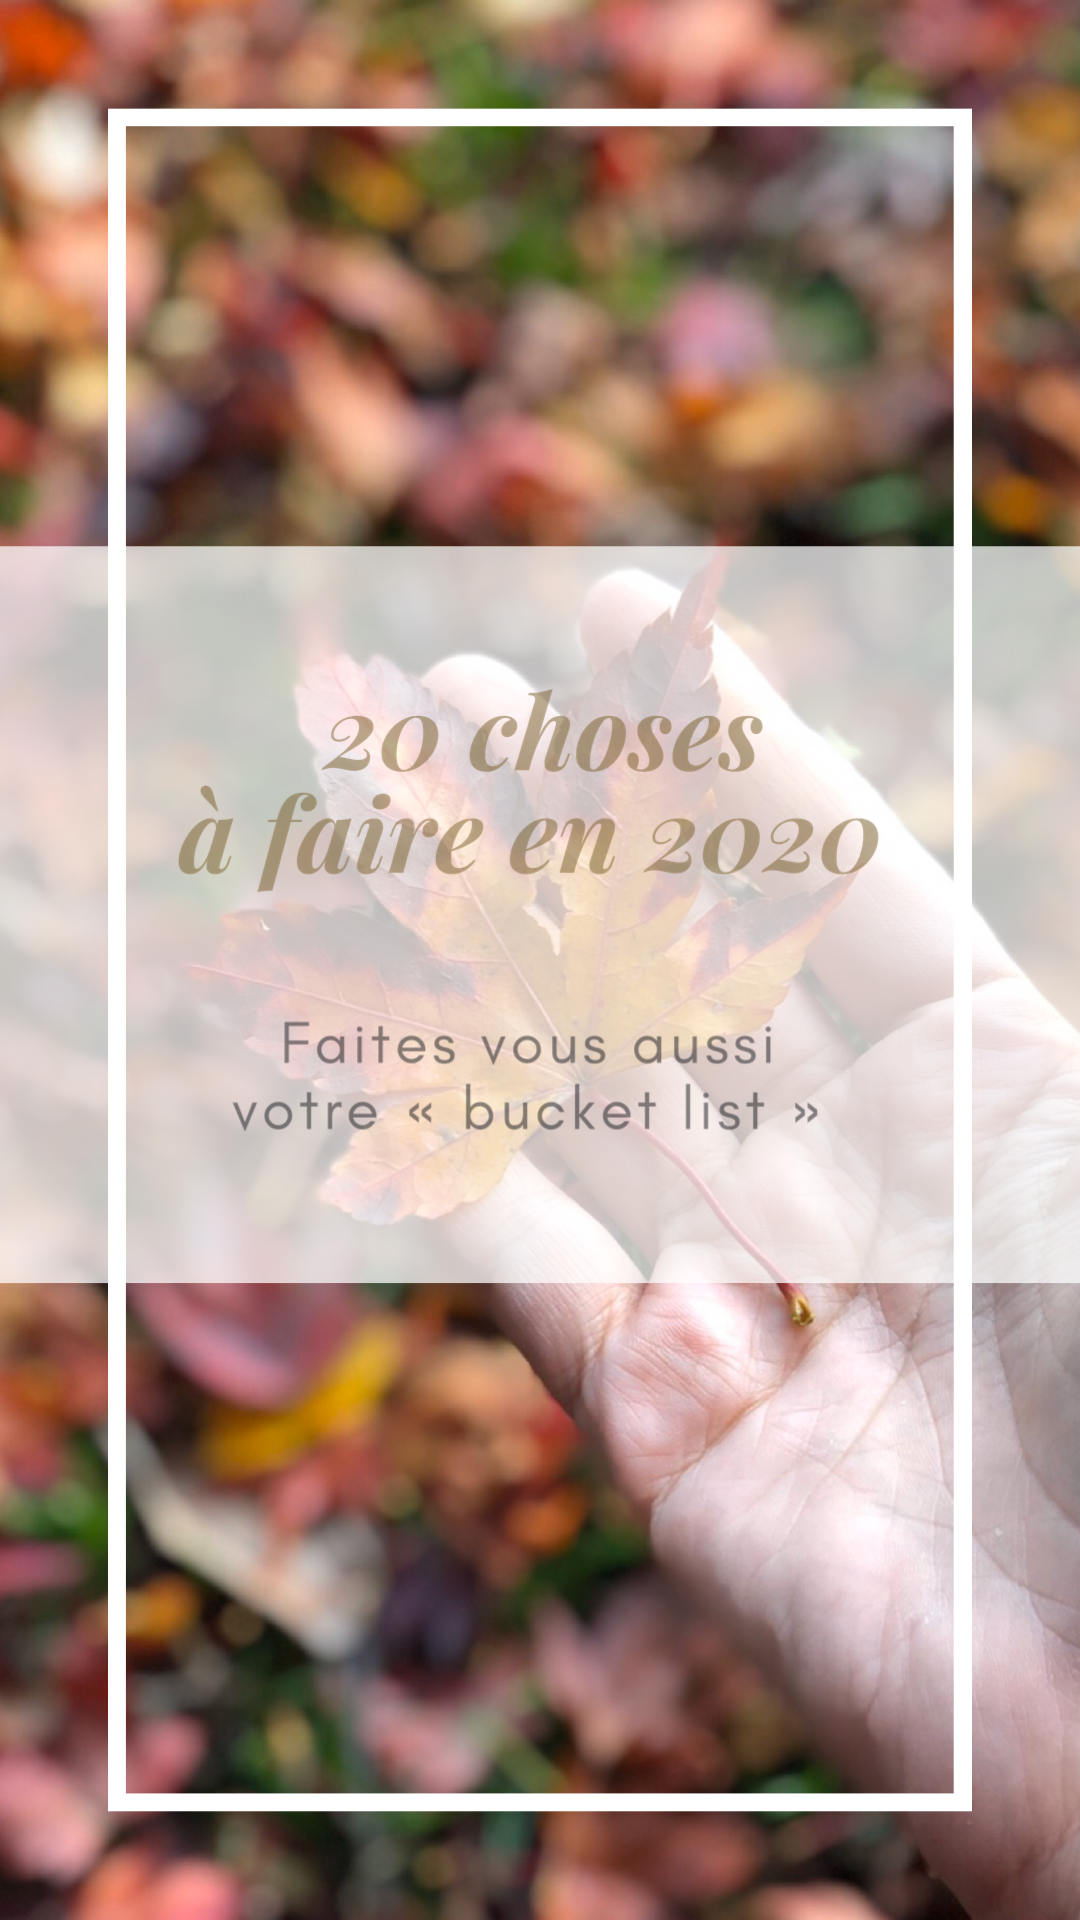 20 choses à faire en 2020